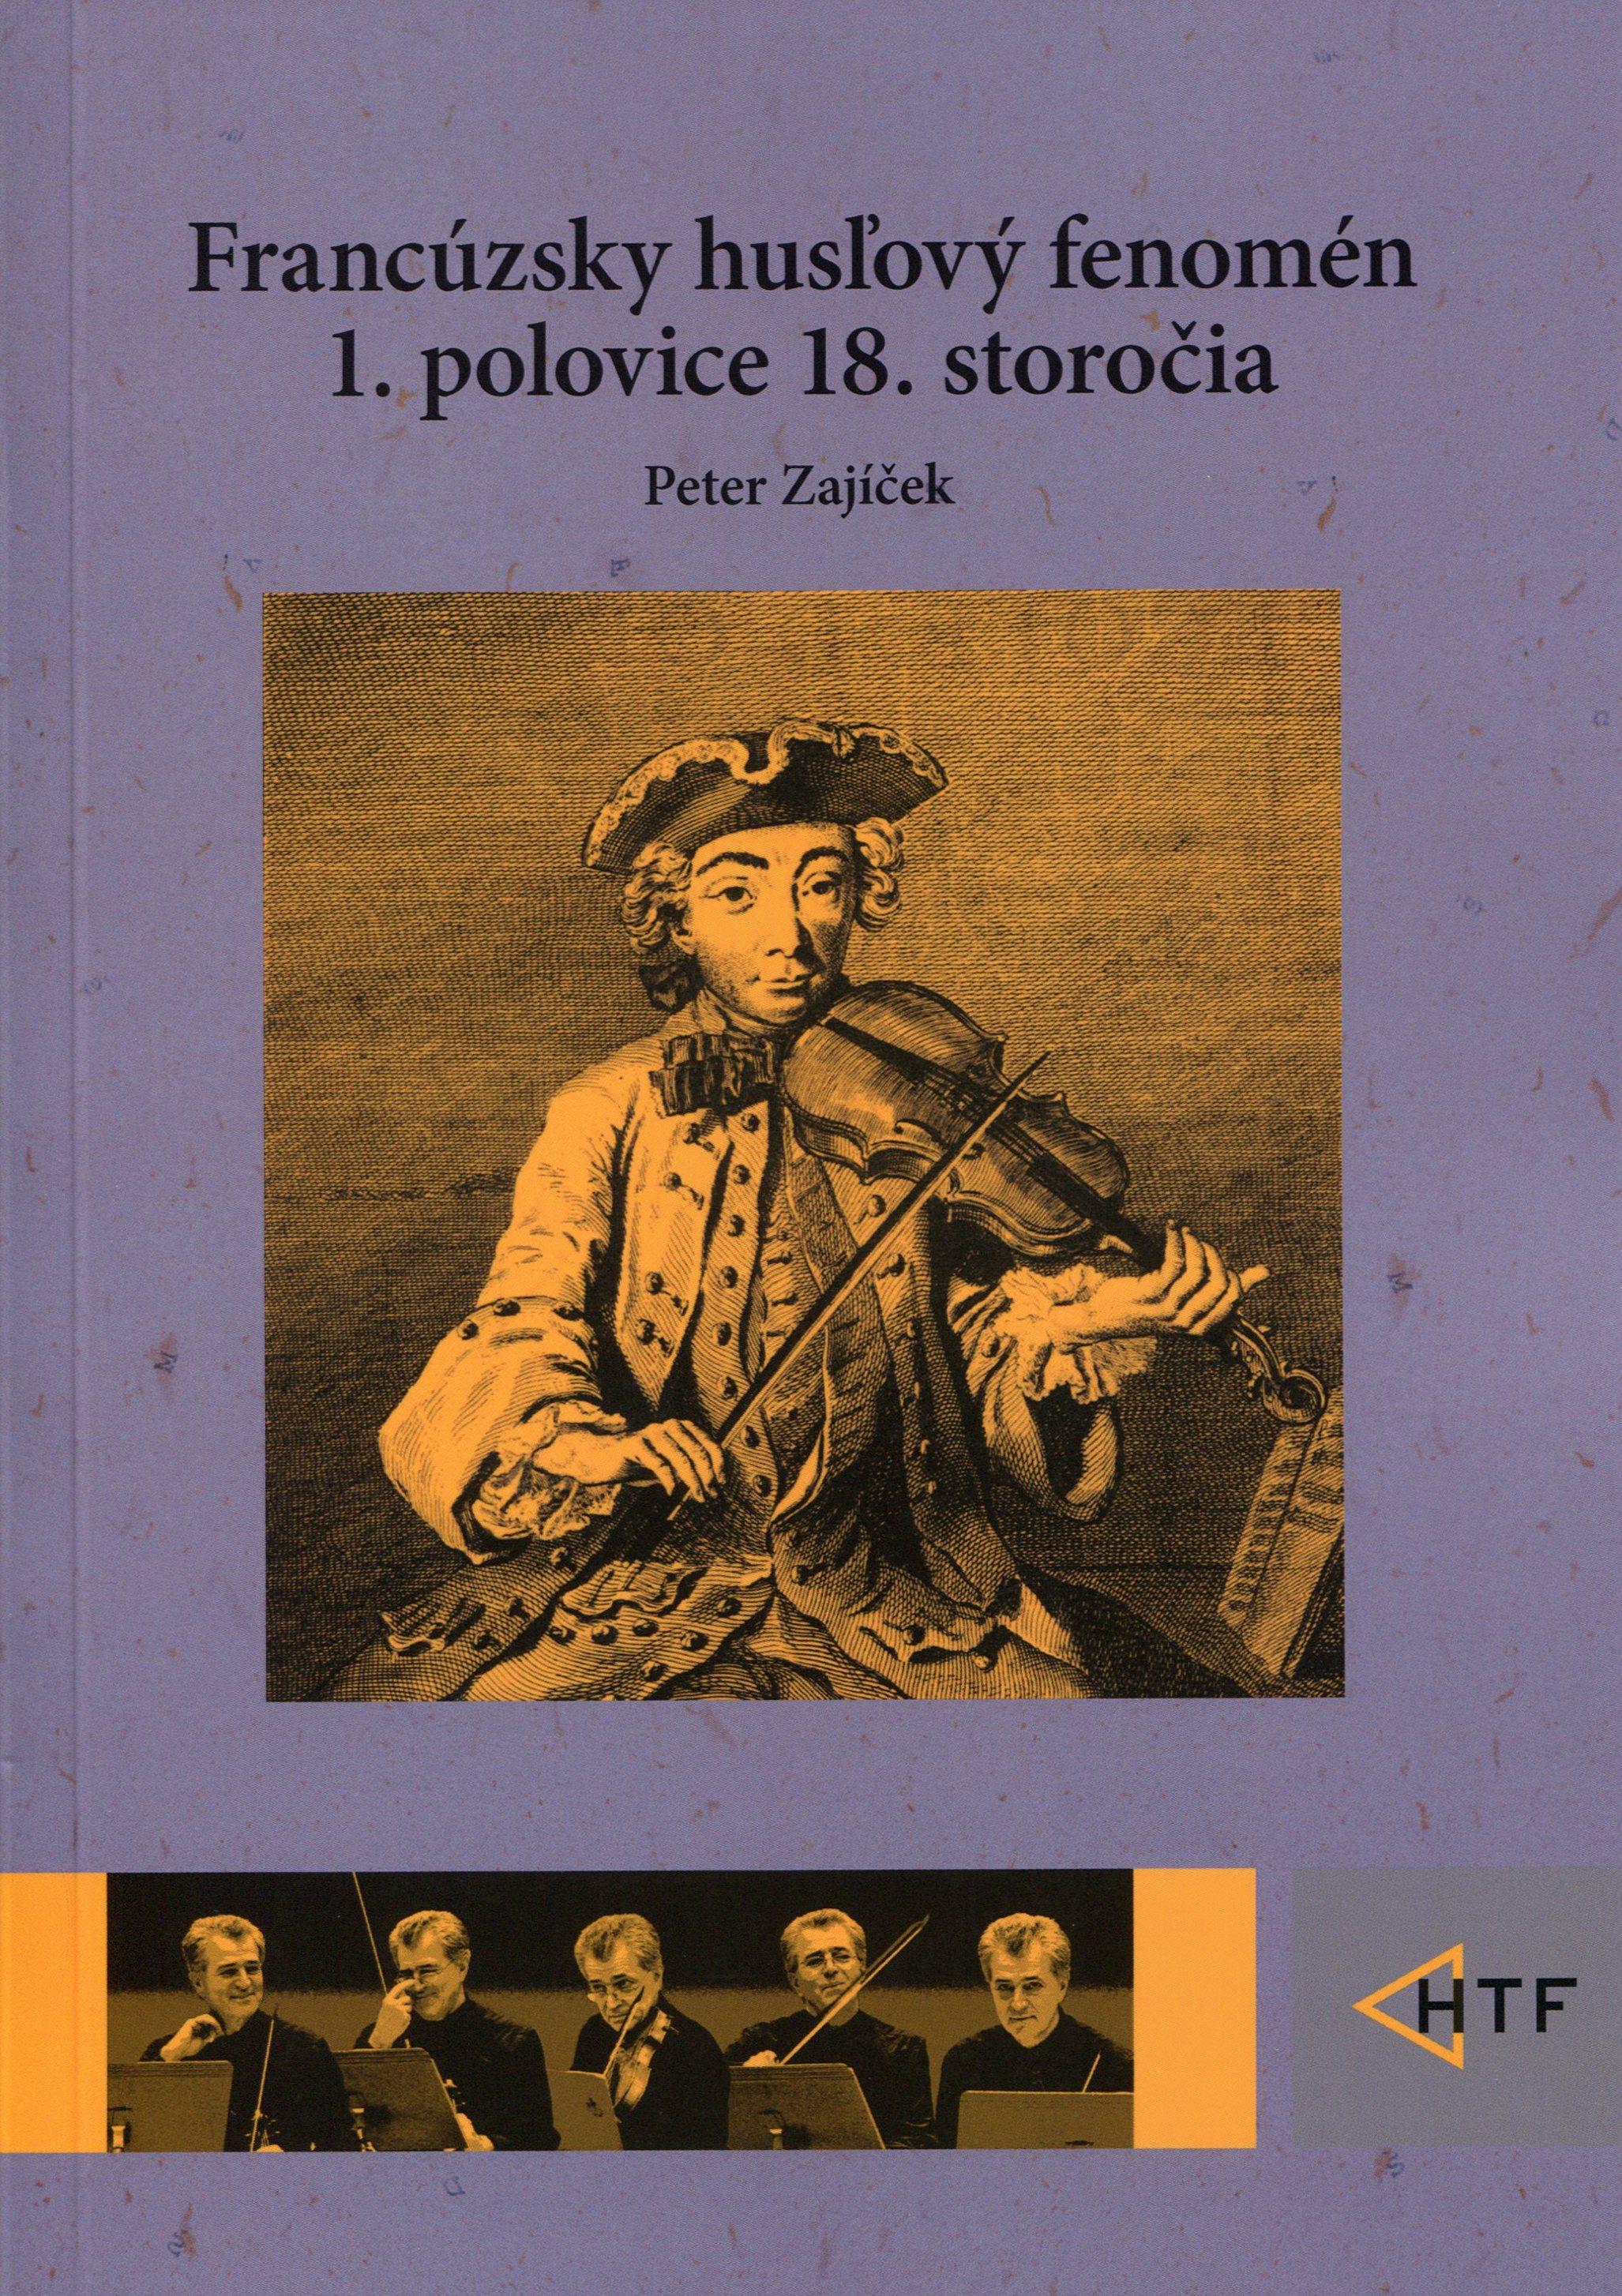 Francúzsky husľový fenomén 1. polovice 18. storočia